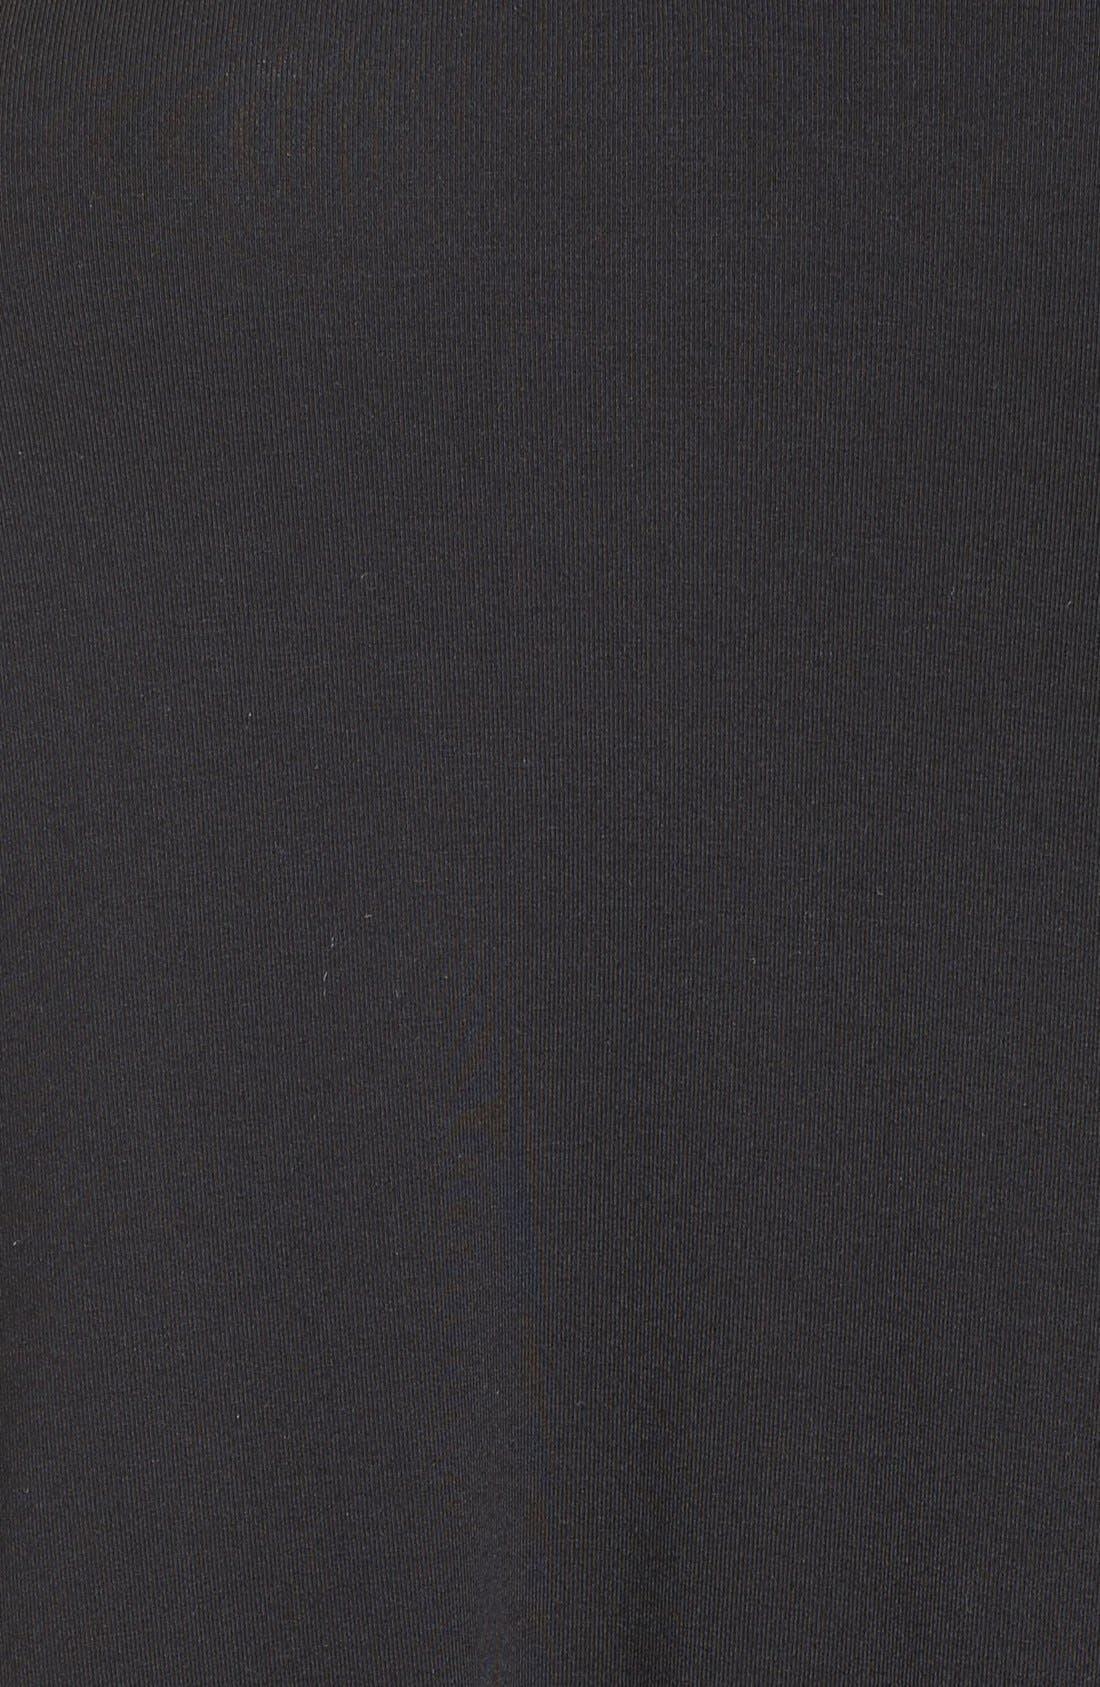 Jessar Lace Yoke Shift Dress,                             Alternate thumbnail 6, color,                             001